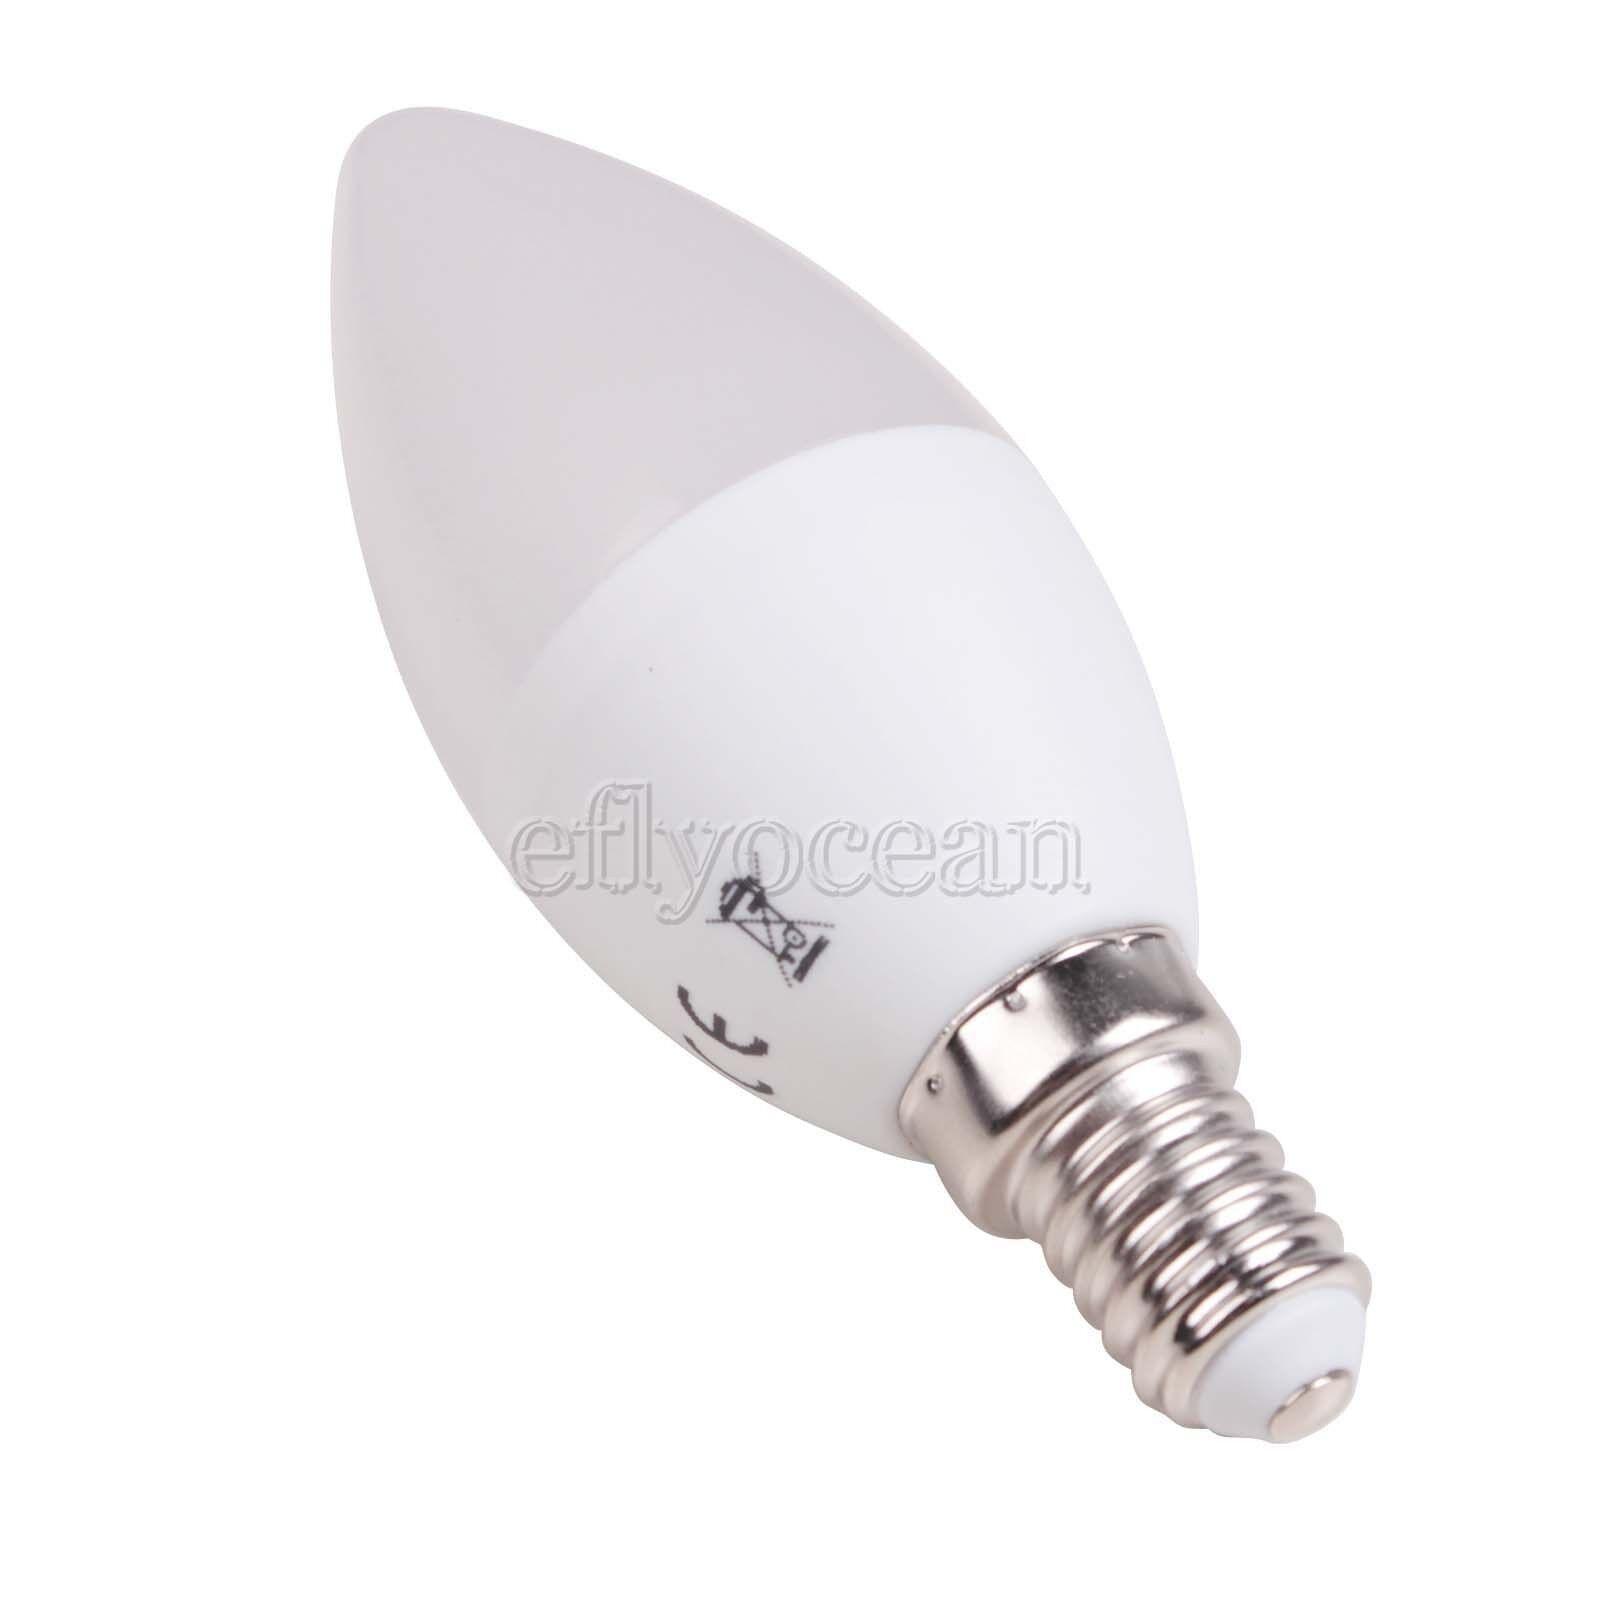 LED Birnen E27 E14 Warmweiss Kaltweiss 3W 5W 7W 10W 10W 10W 15W 25W Leuchte Licht A01     | Ab dem neuesten Modell  | Sofortige Lieferung  | Haltbar  0b7259